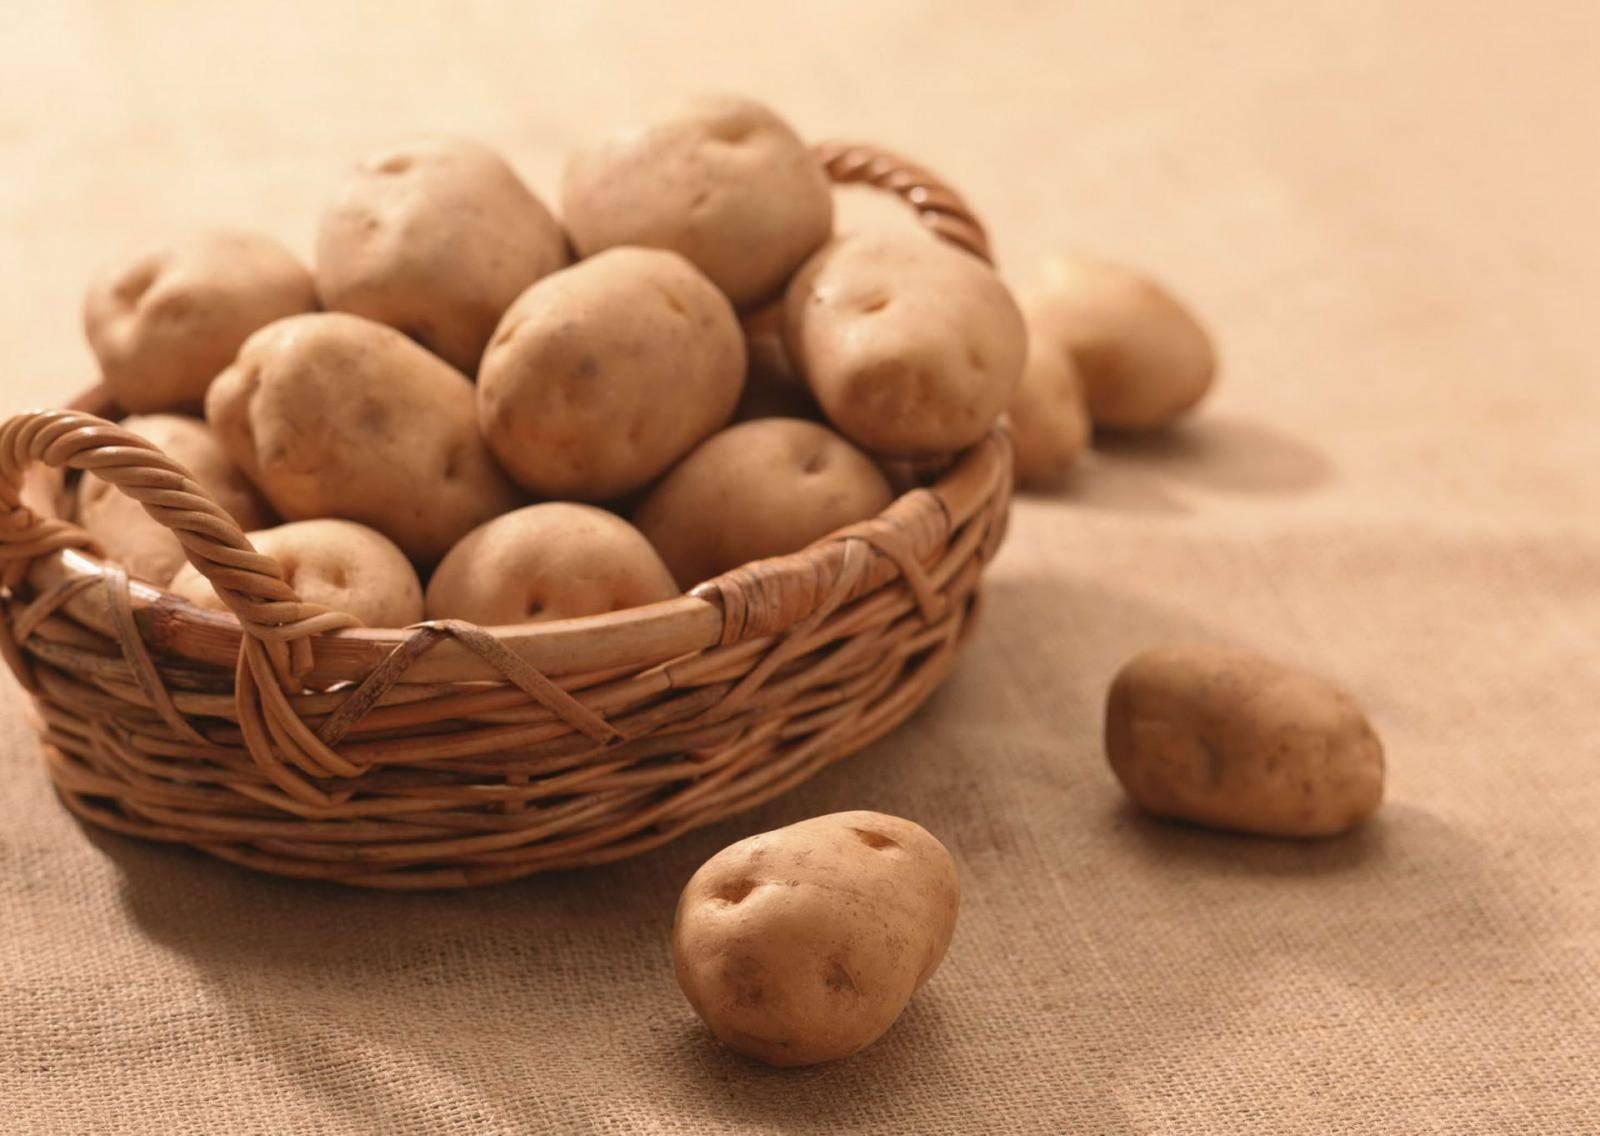 Выращивание картофеля по голландской технологии: описание способа, плюсы и минусы метода, а также правила посадки на даче и в домашних условиях